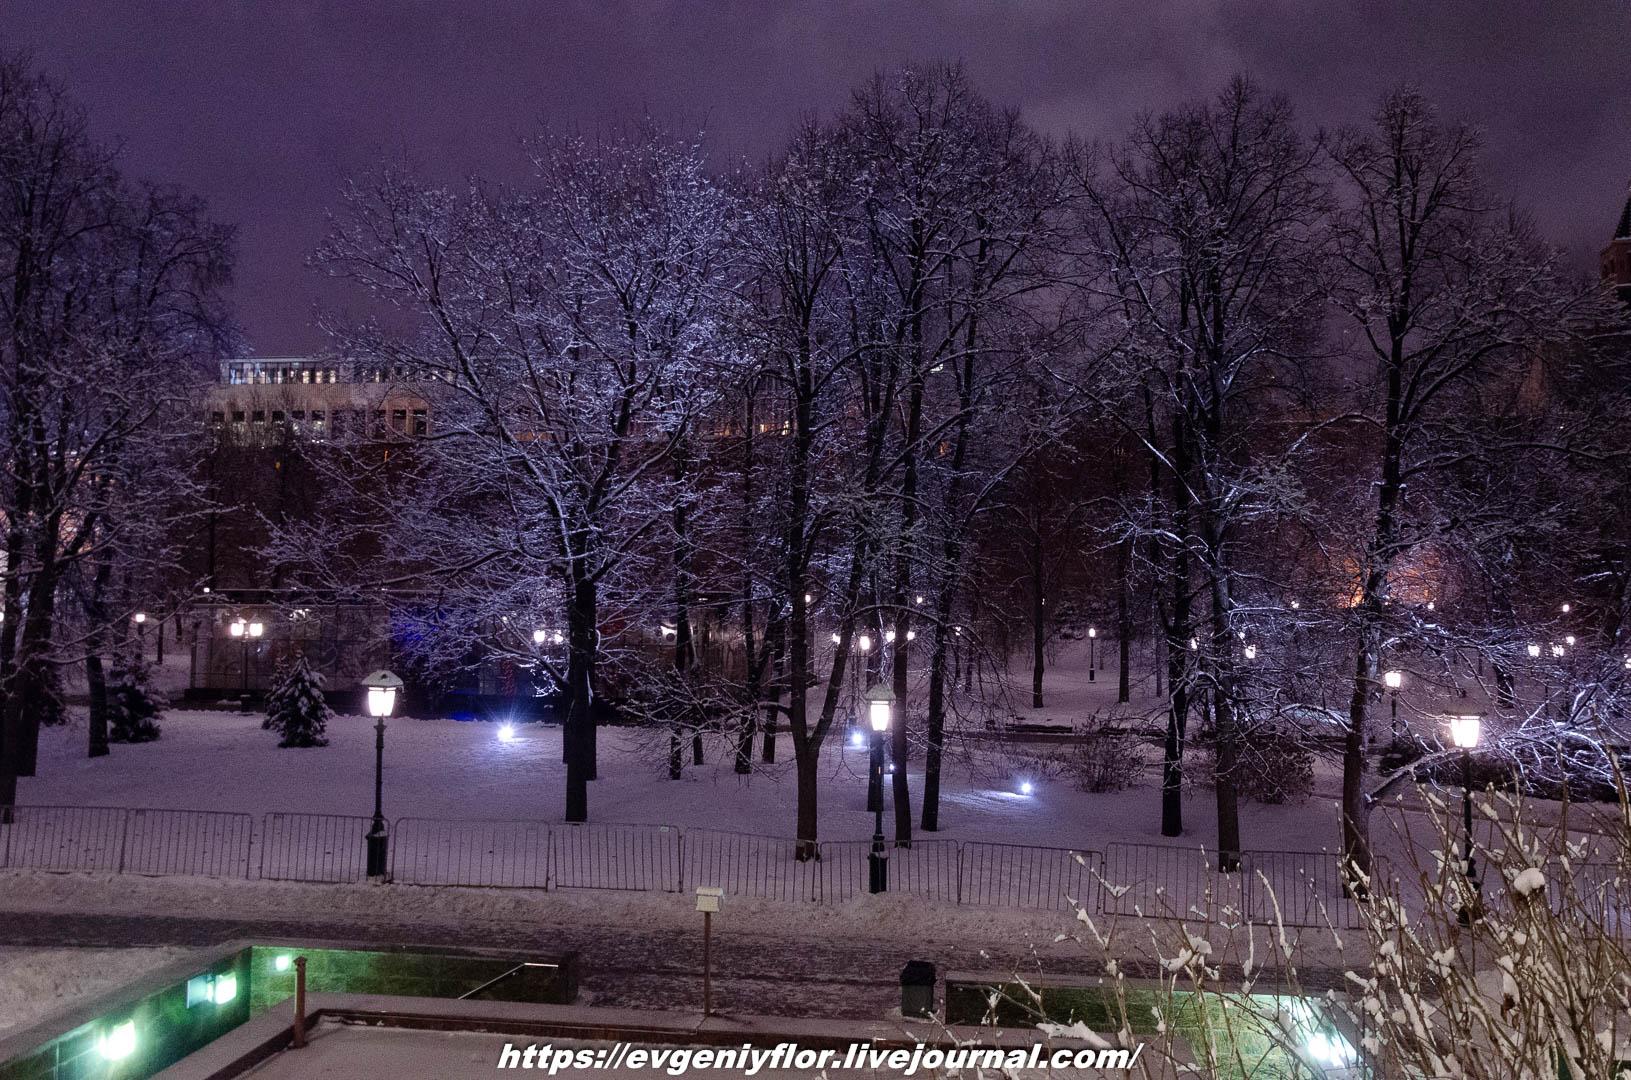 Вечерняя прогулка после снегопада    13 02 - 2019 Среда !Новая папка (2)6798.jpg